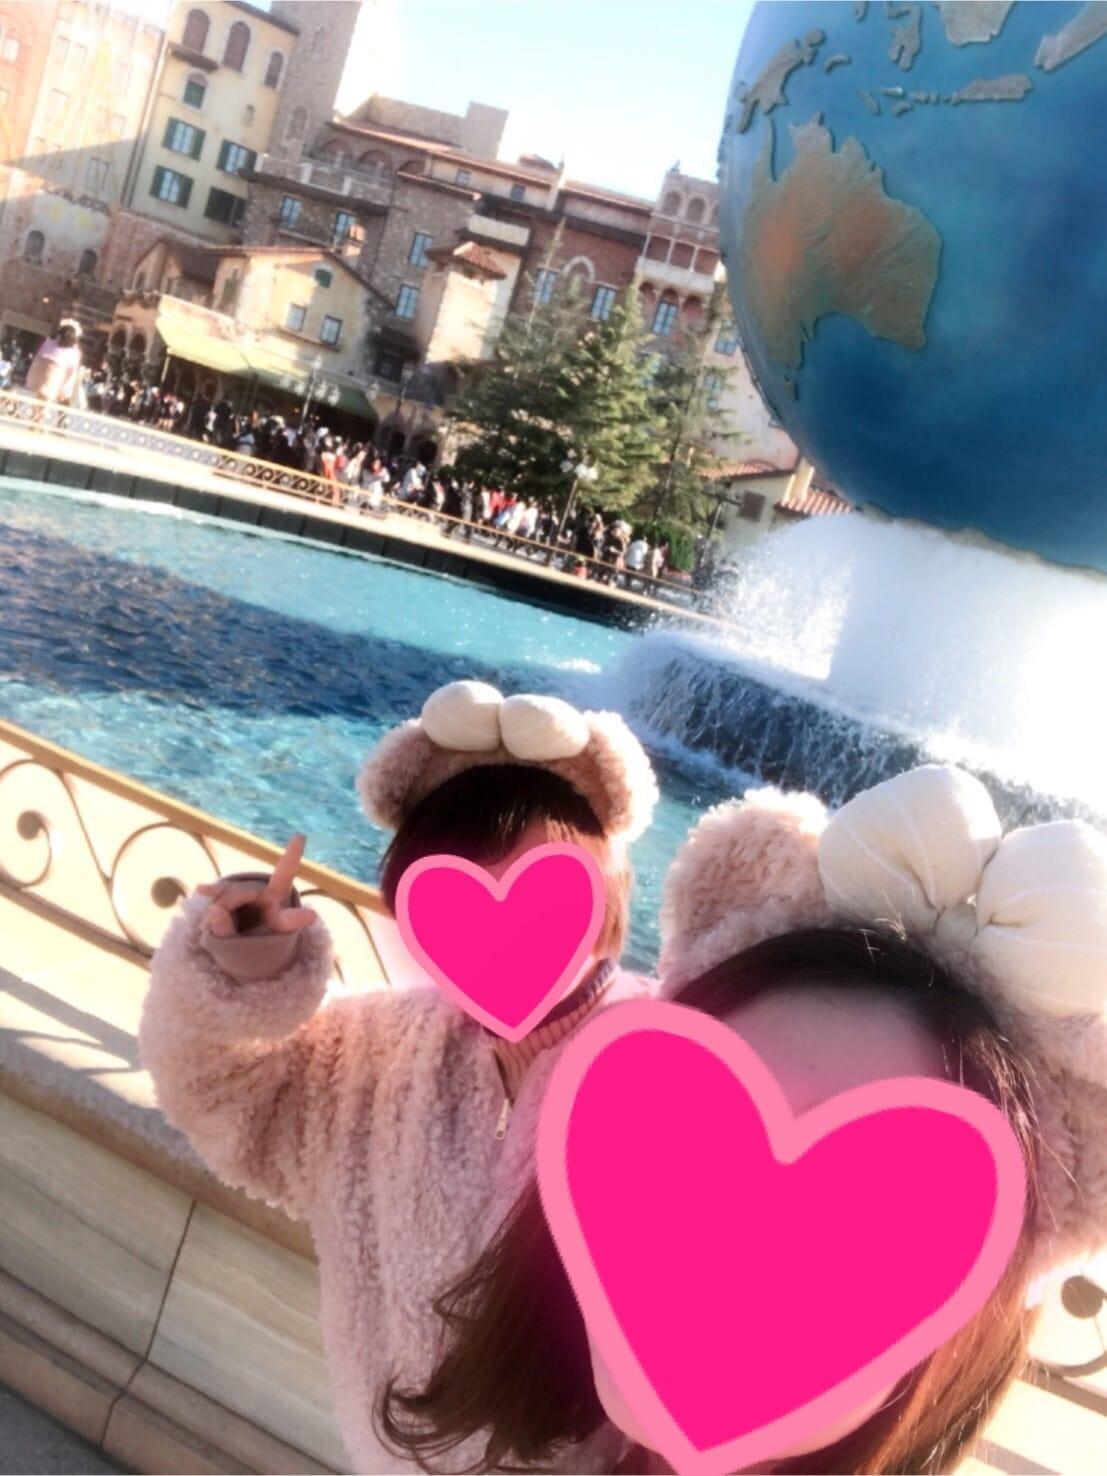 かほ「ついた♡」12/14(木) 09:34 | かほの写メ・風俗動画